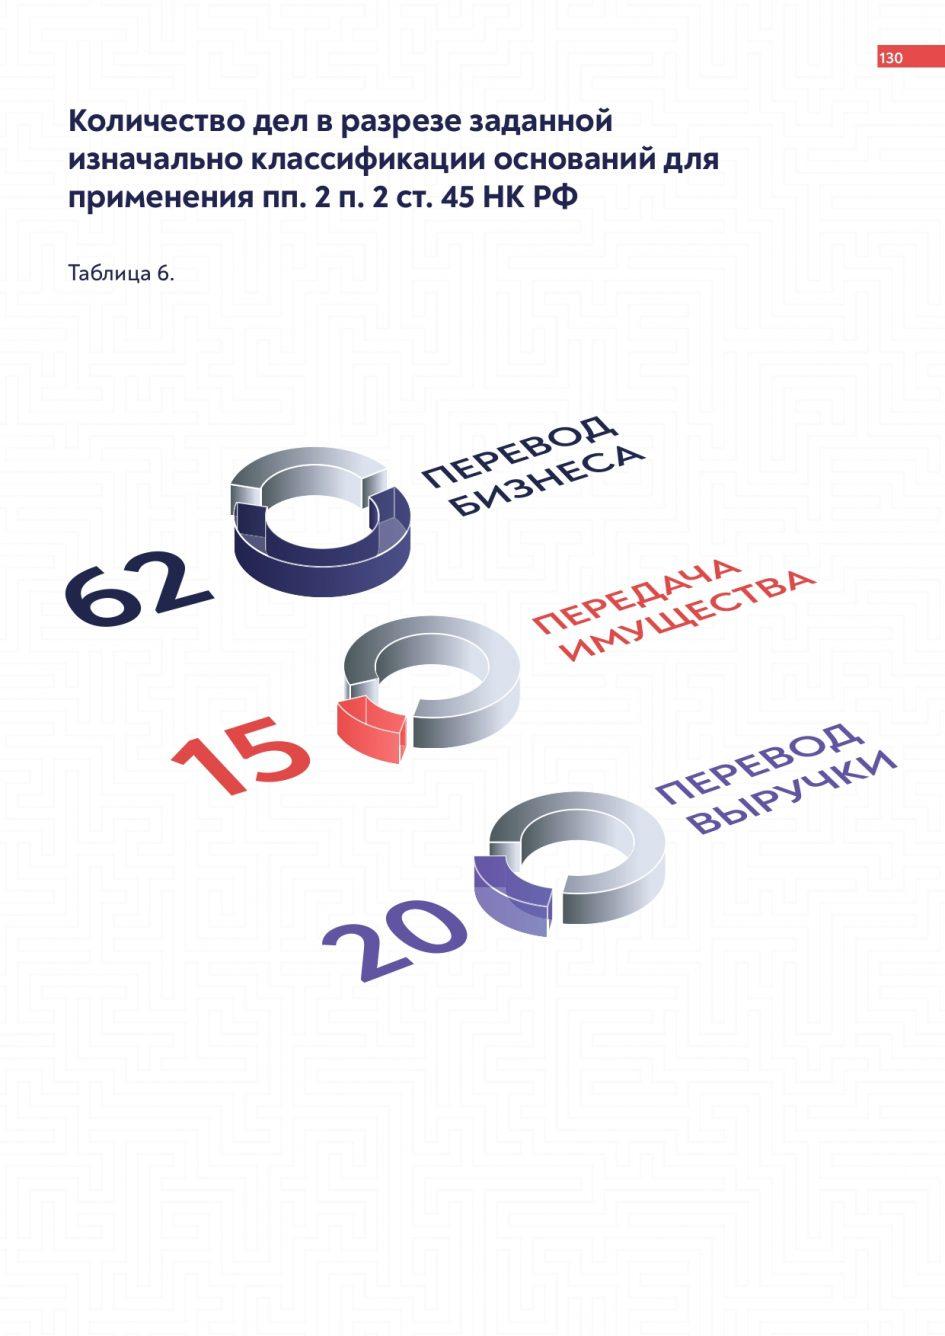 «Основания для применения ст. 45 НК РФ» от arbitrageru.legal